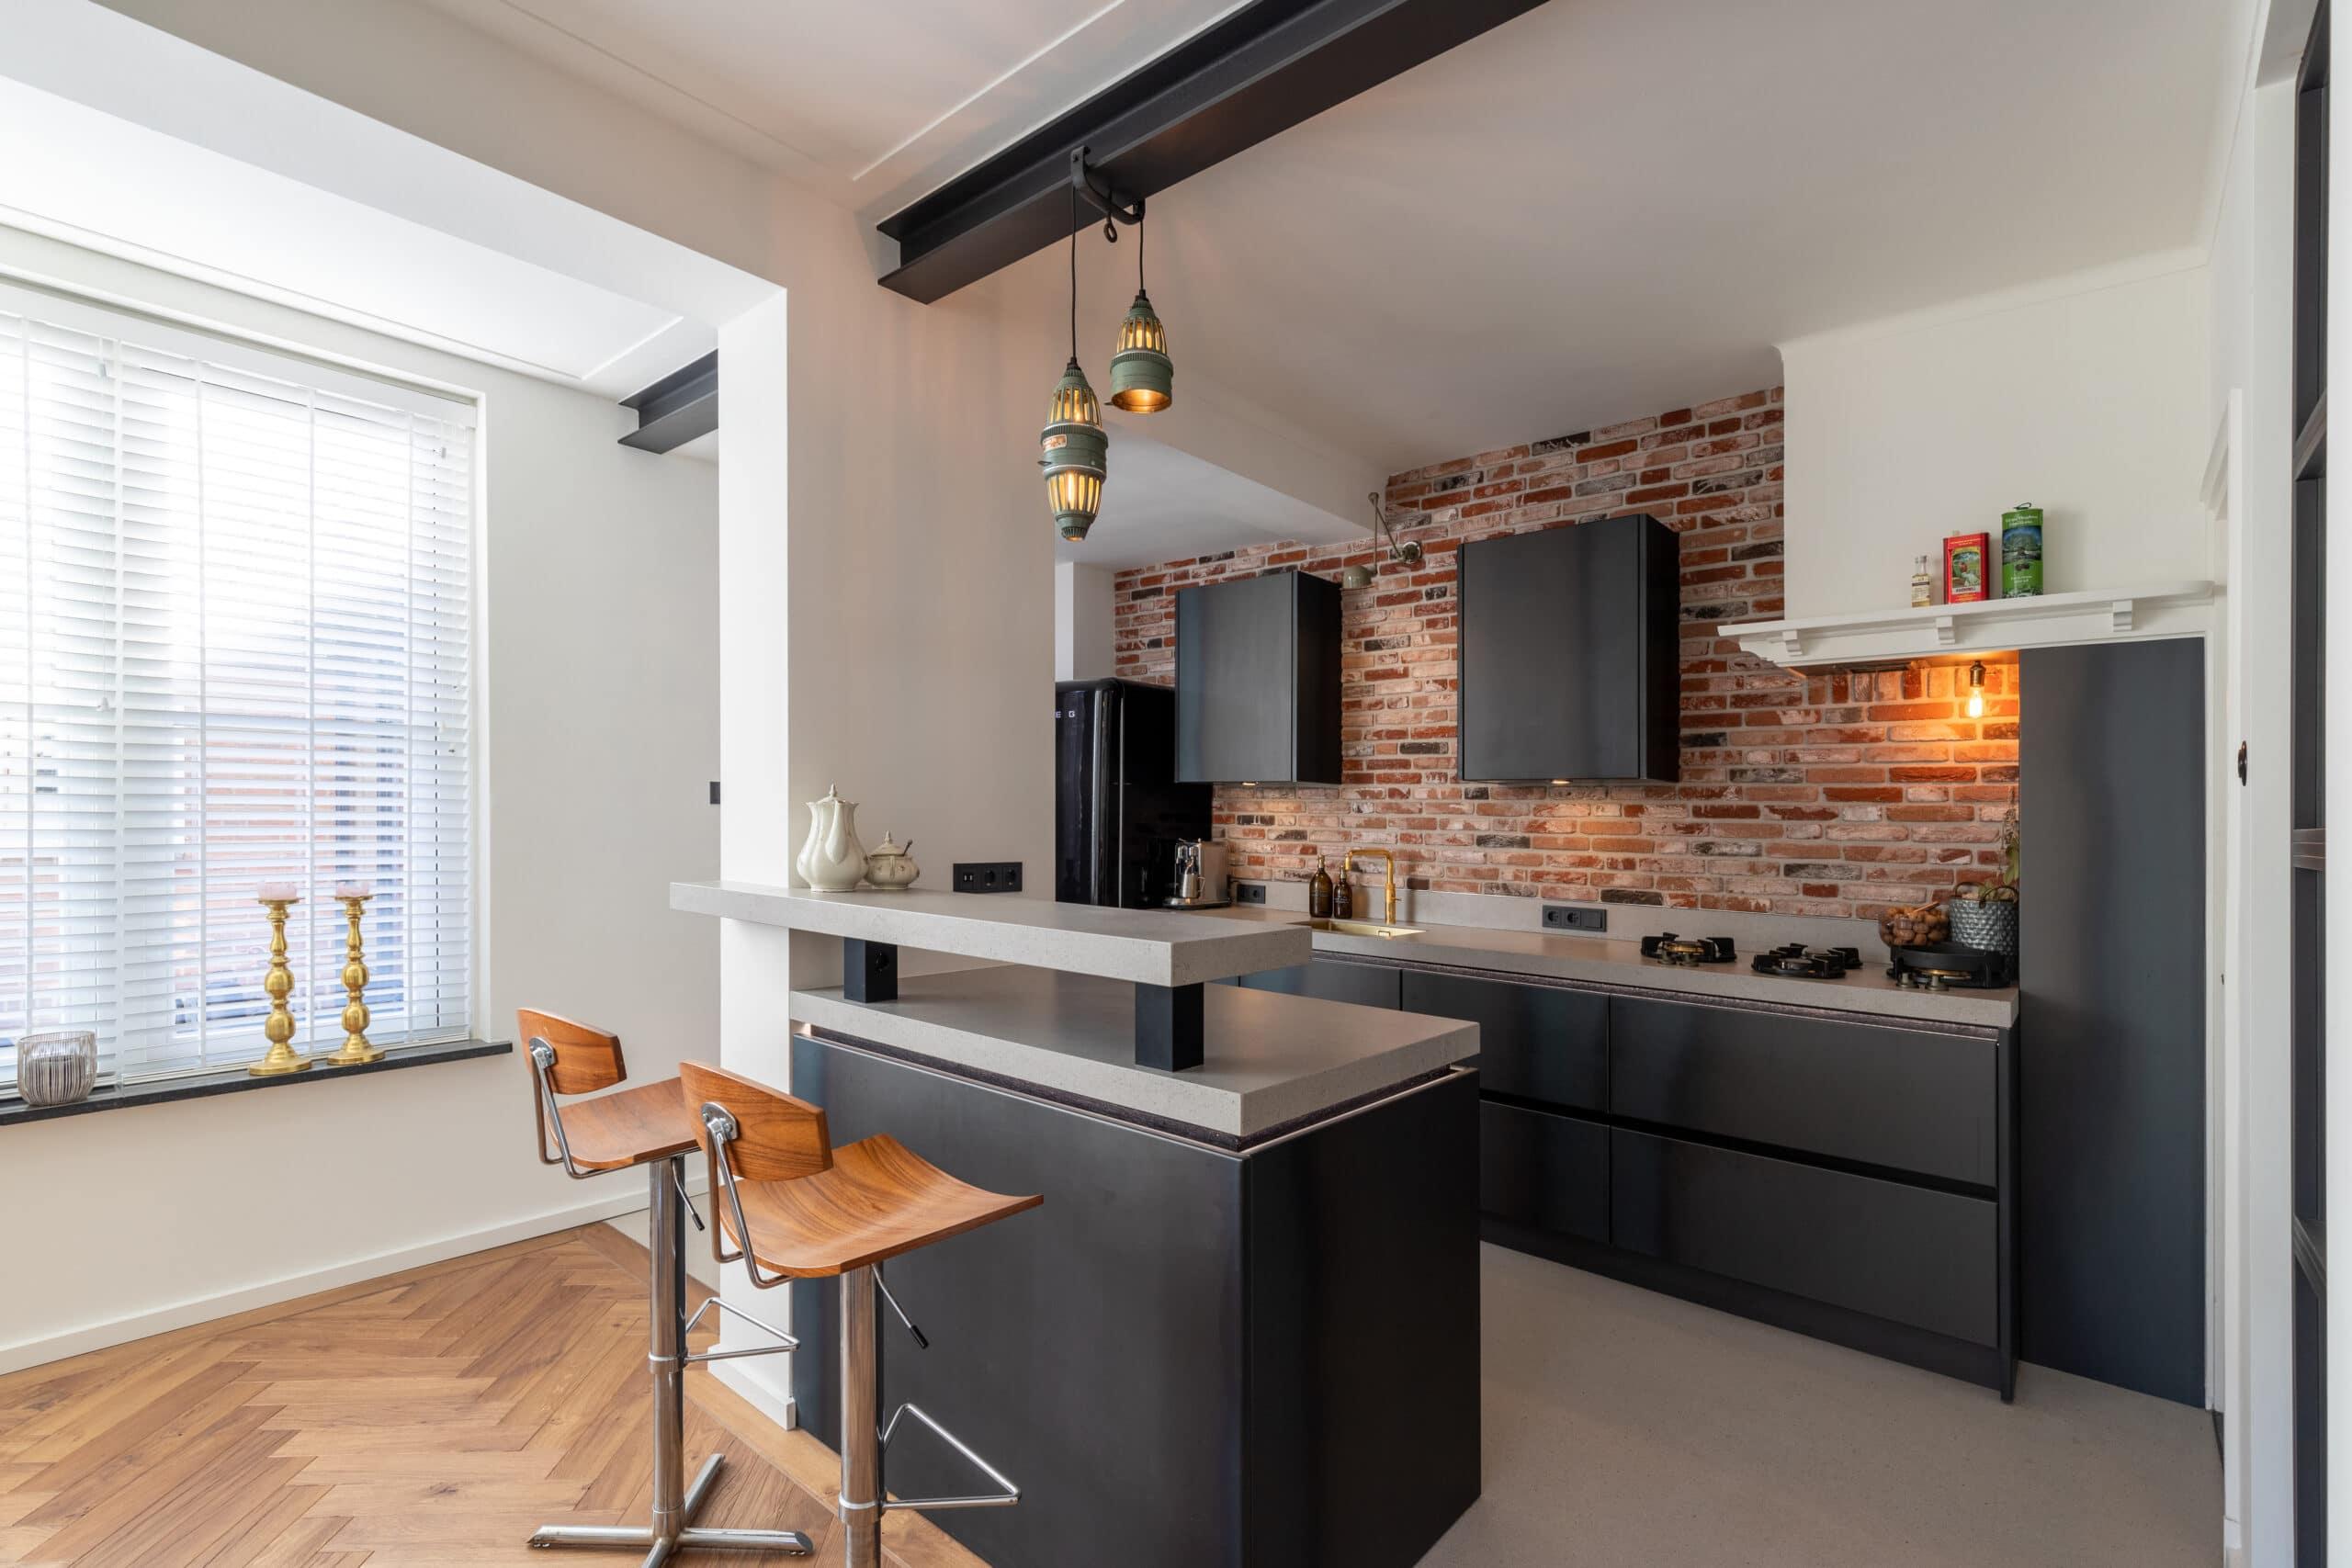 Keuken in warmgewalst blauwstaal Den Bosch